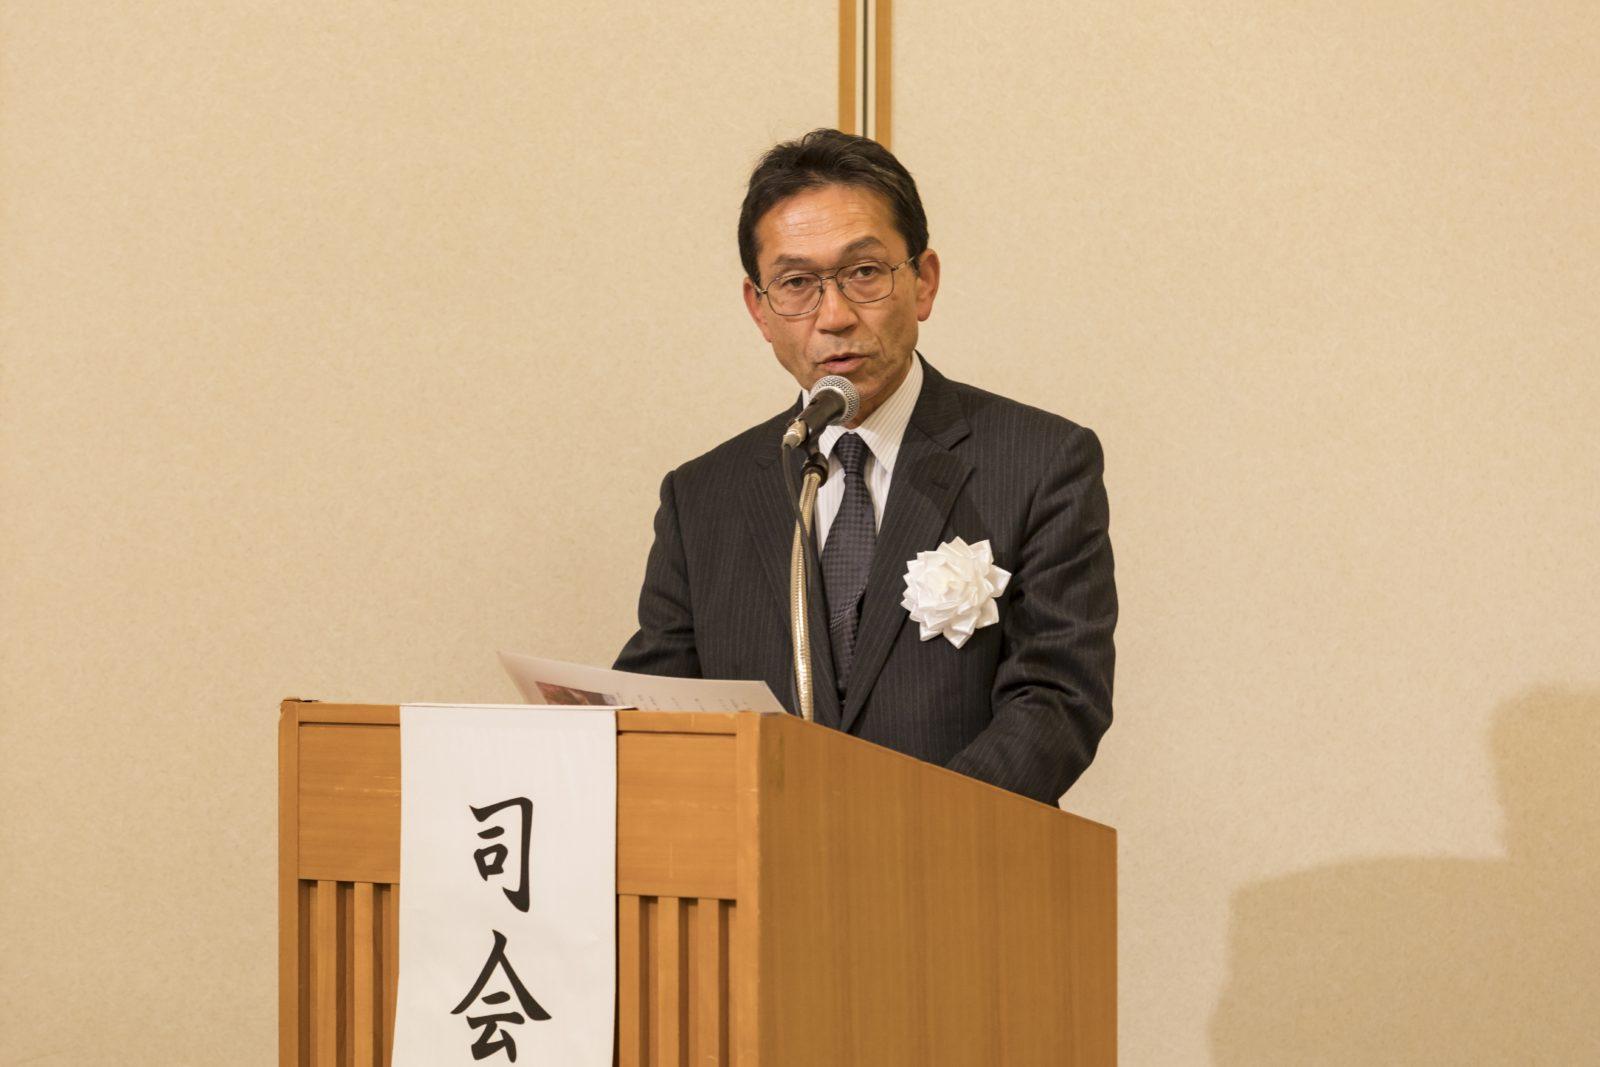 祝電披露 井田副会長